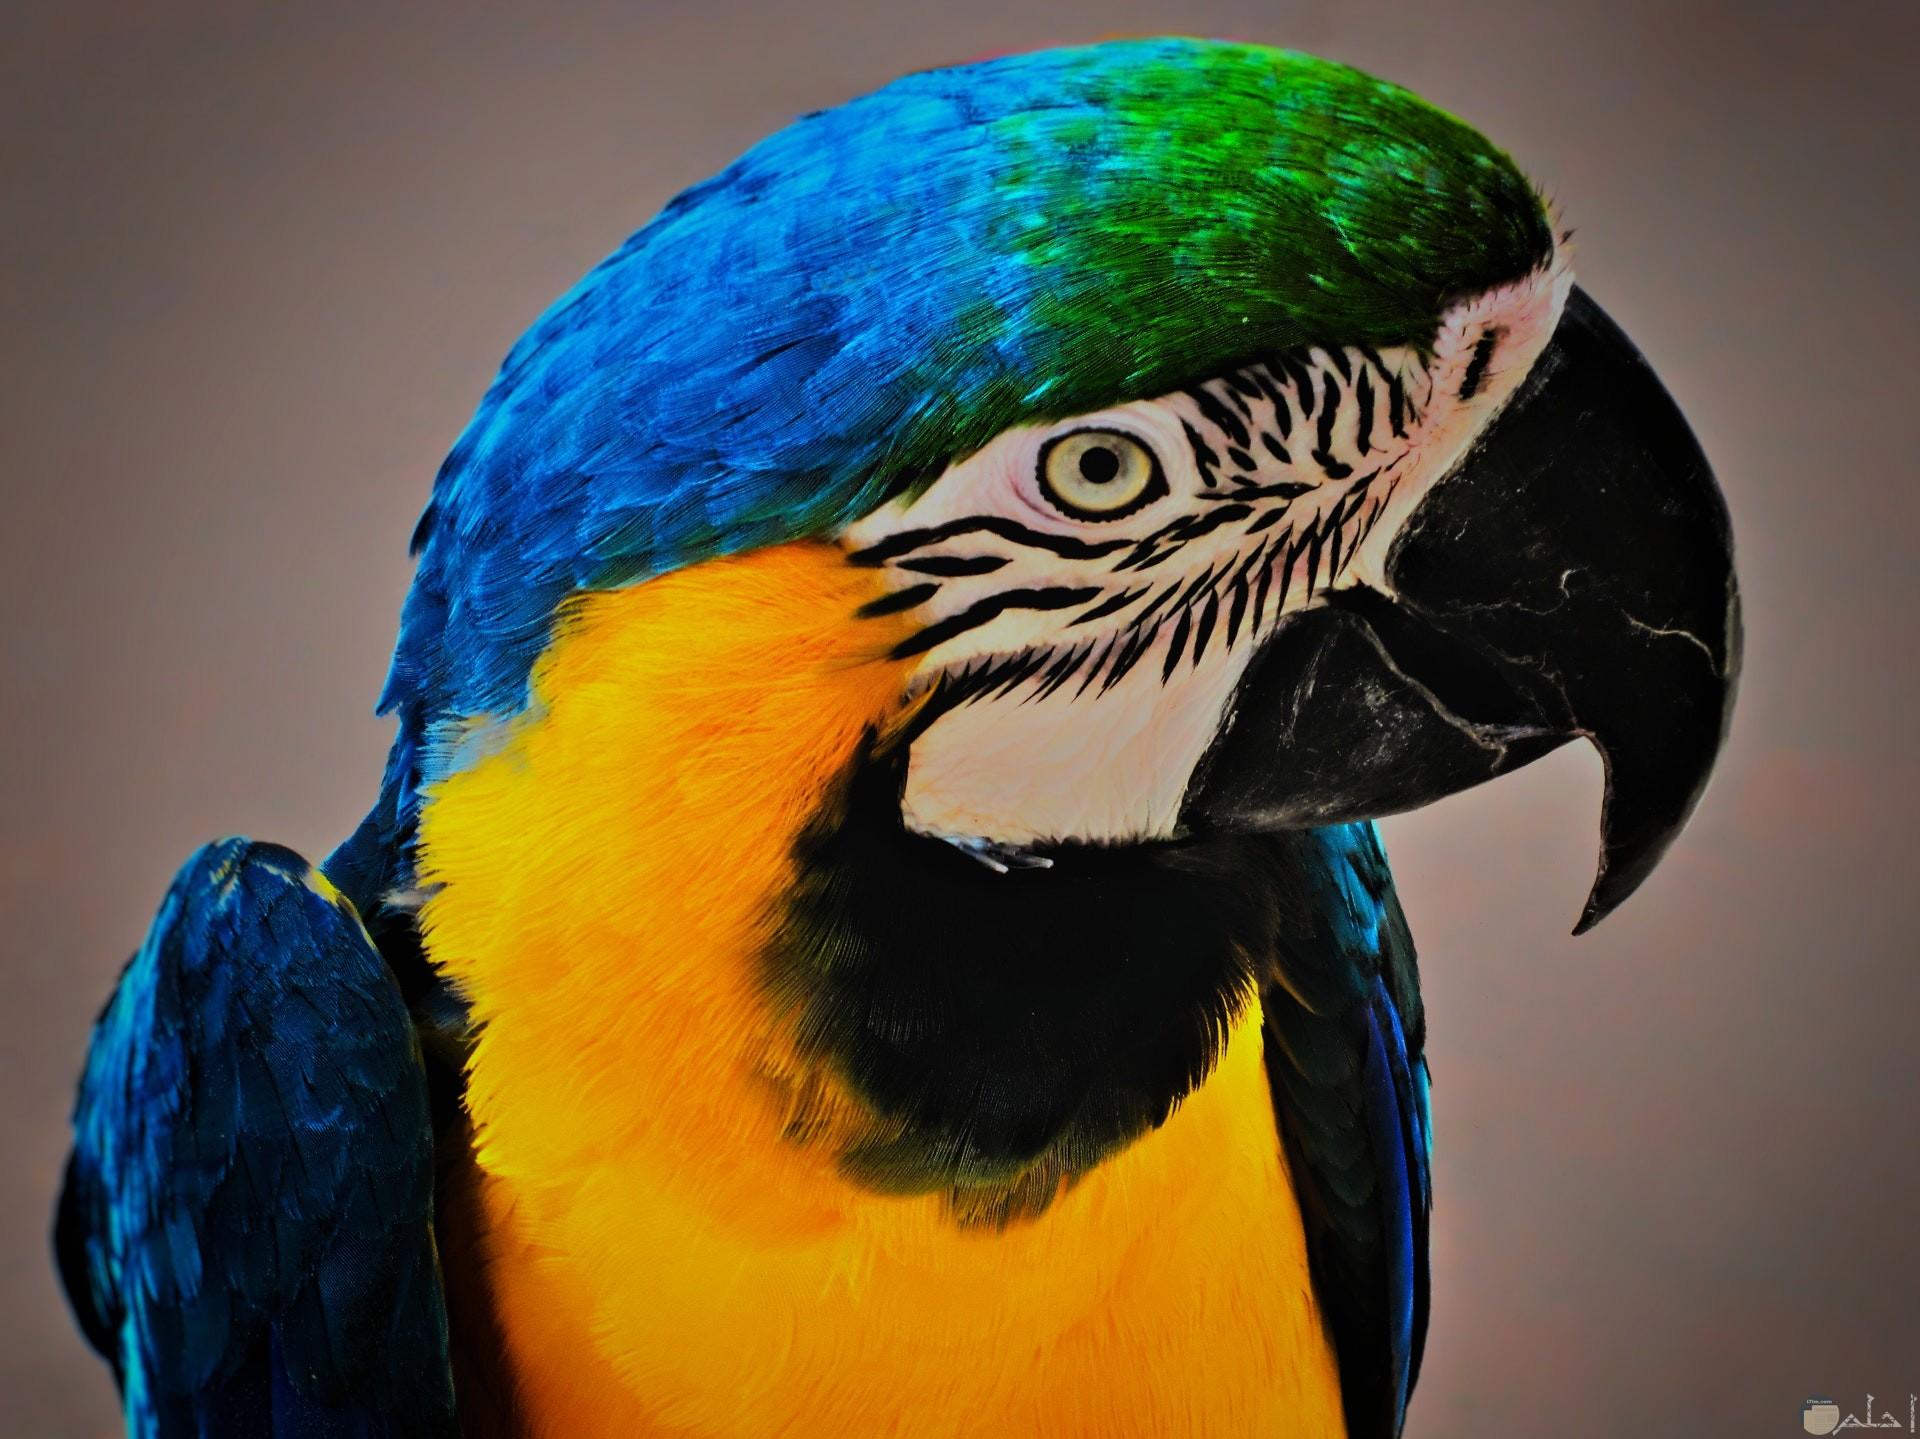 صورة جميلة لطائر ملون باللون الأصفر والأزرق والأخضر والأسود